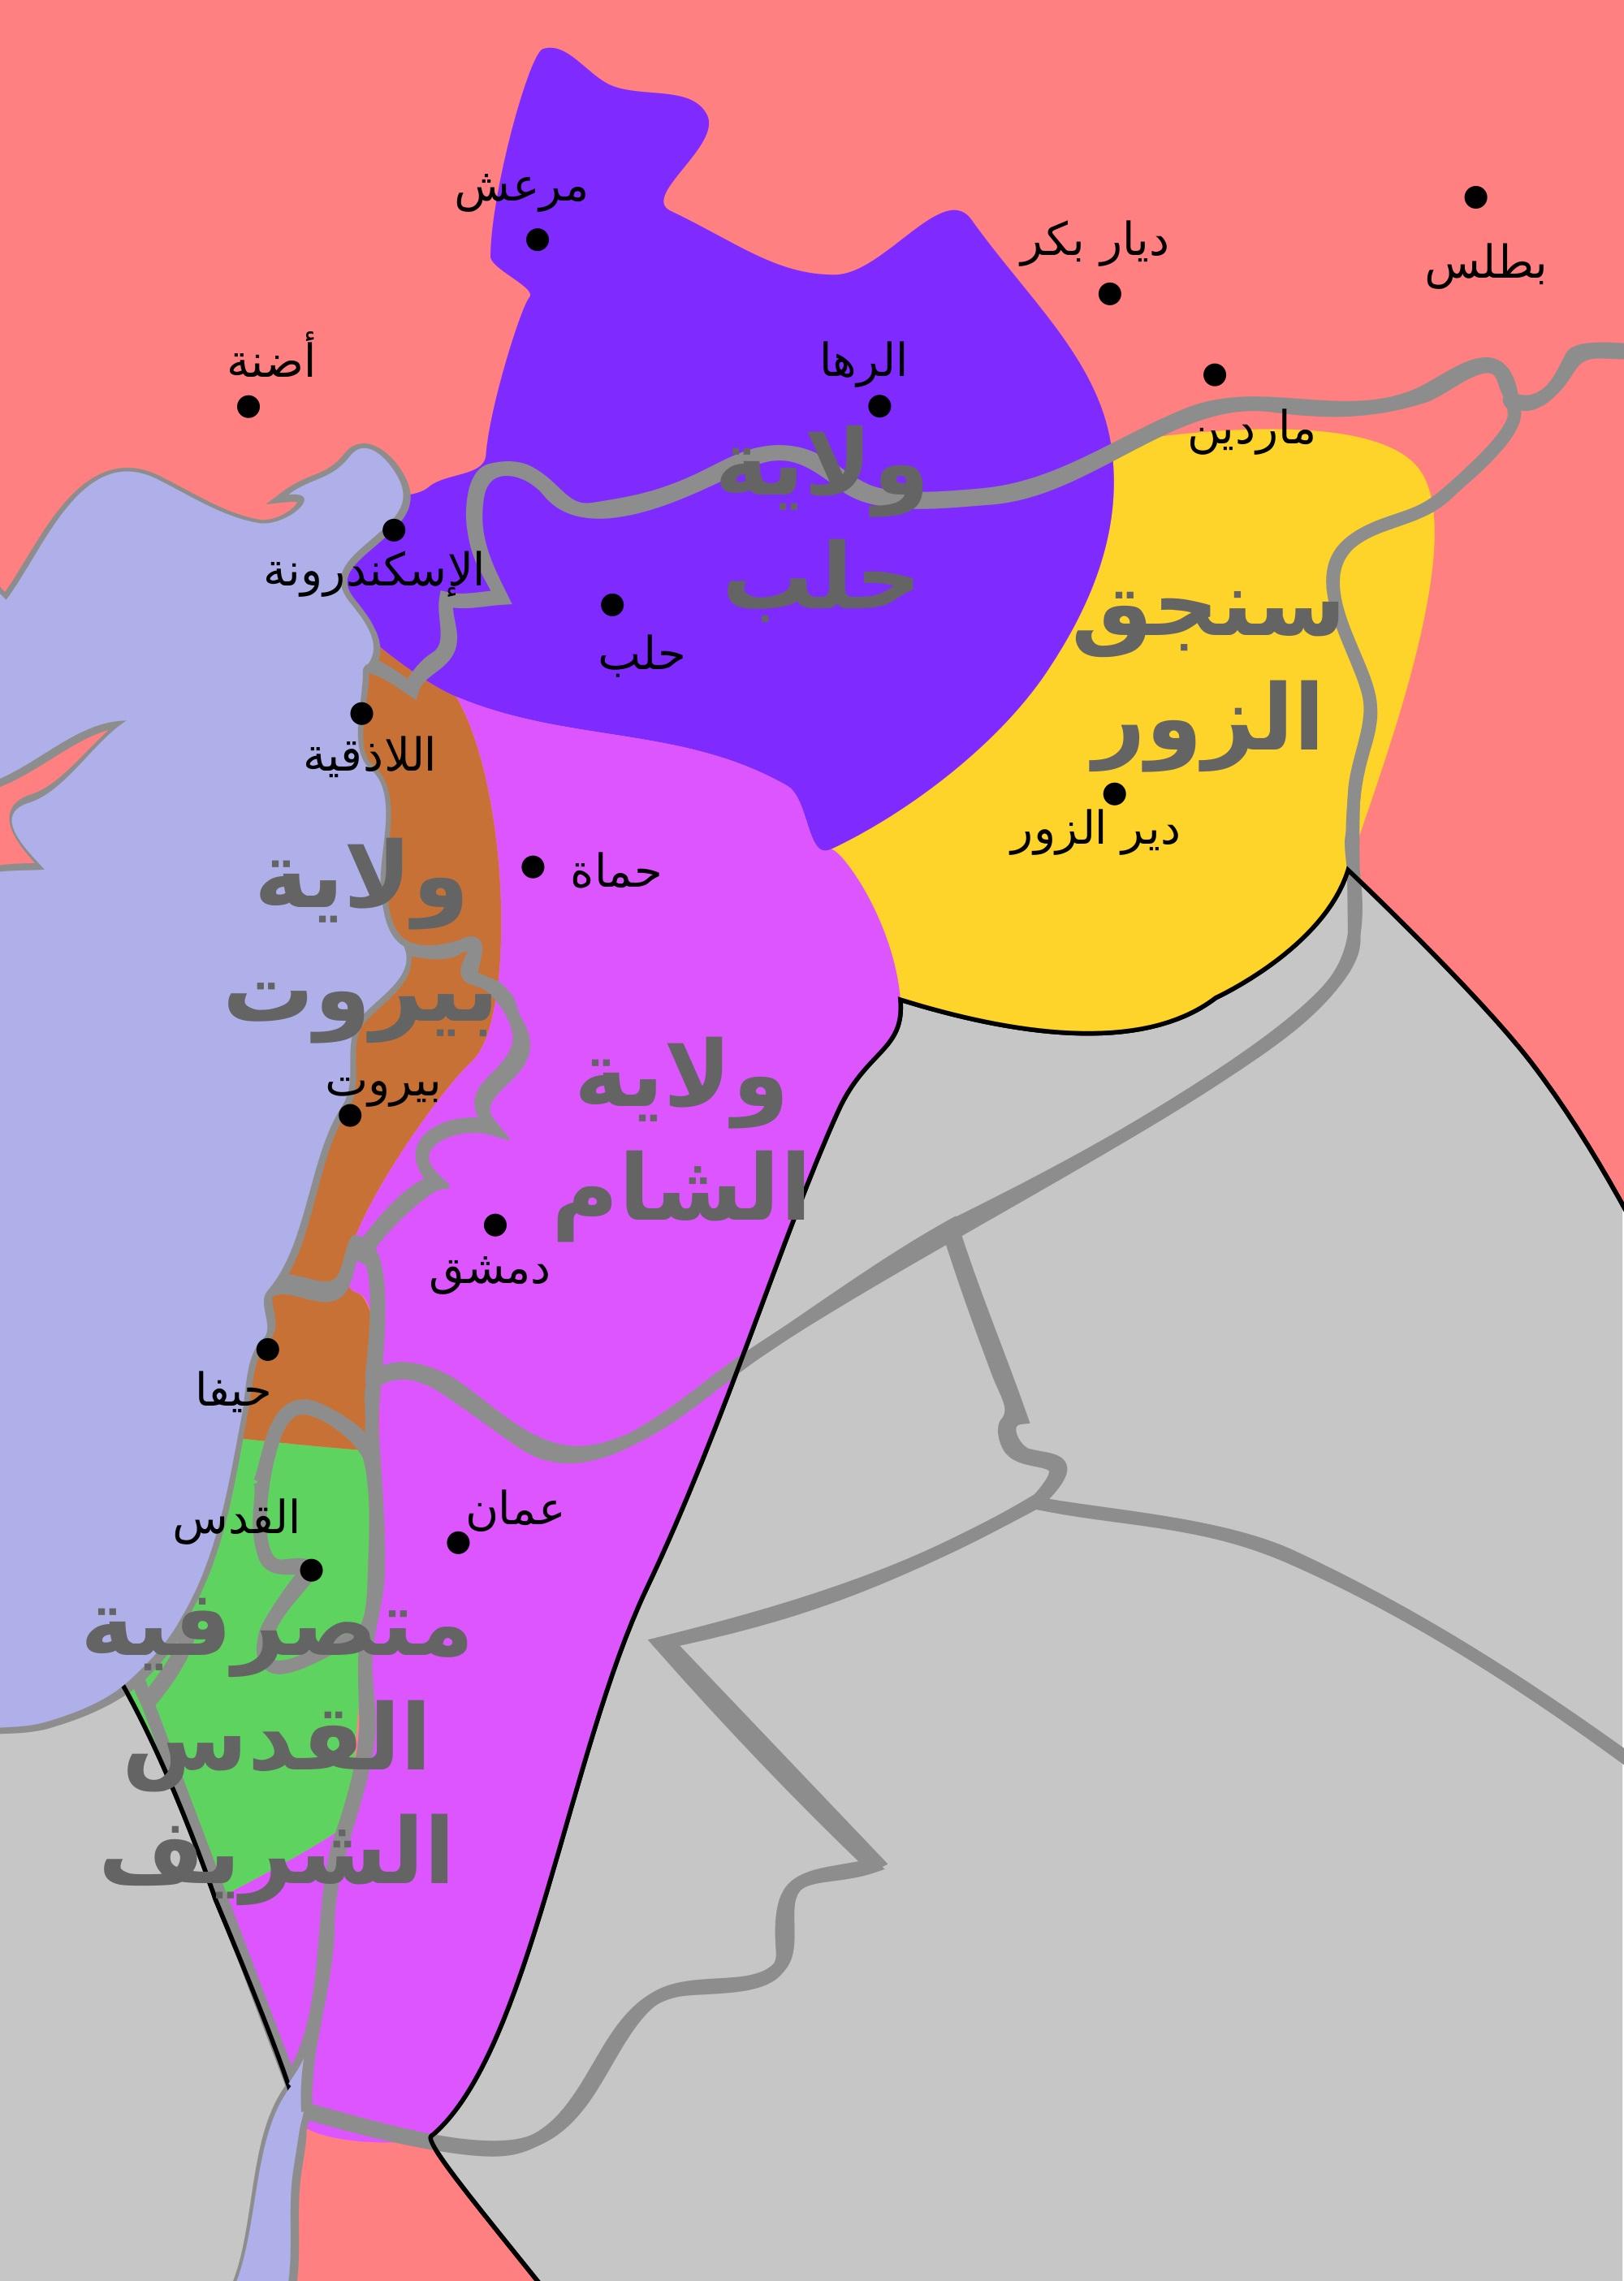 المملكة العربية السورية عام 1920